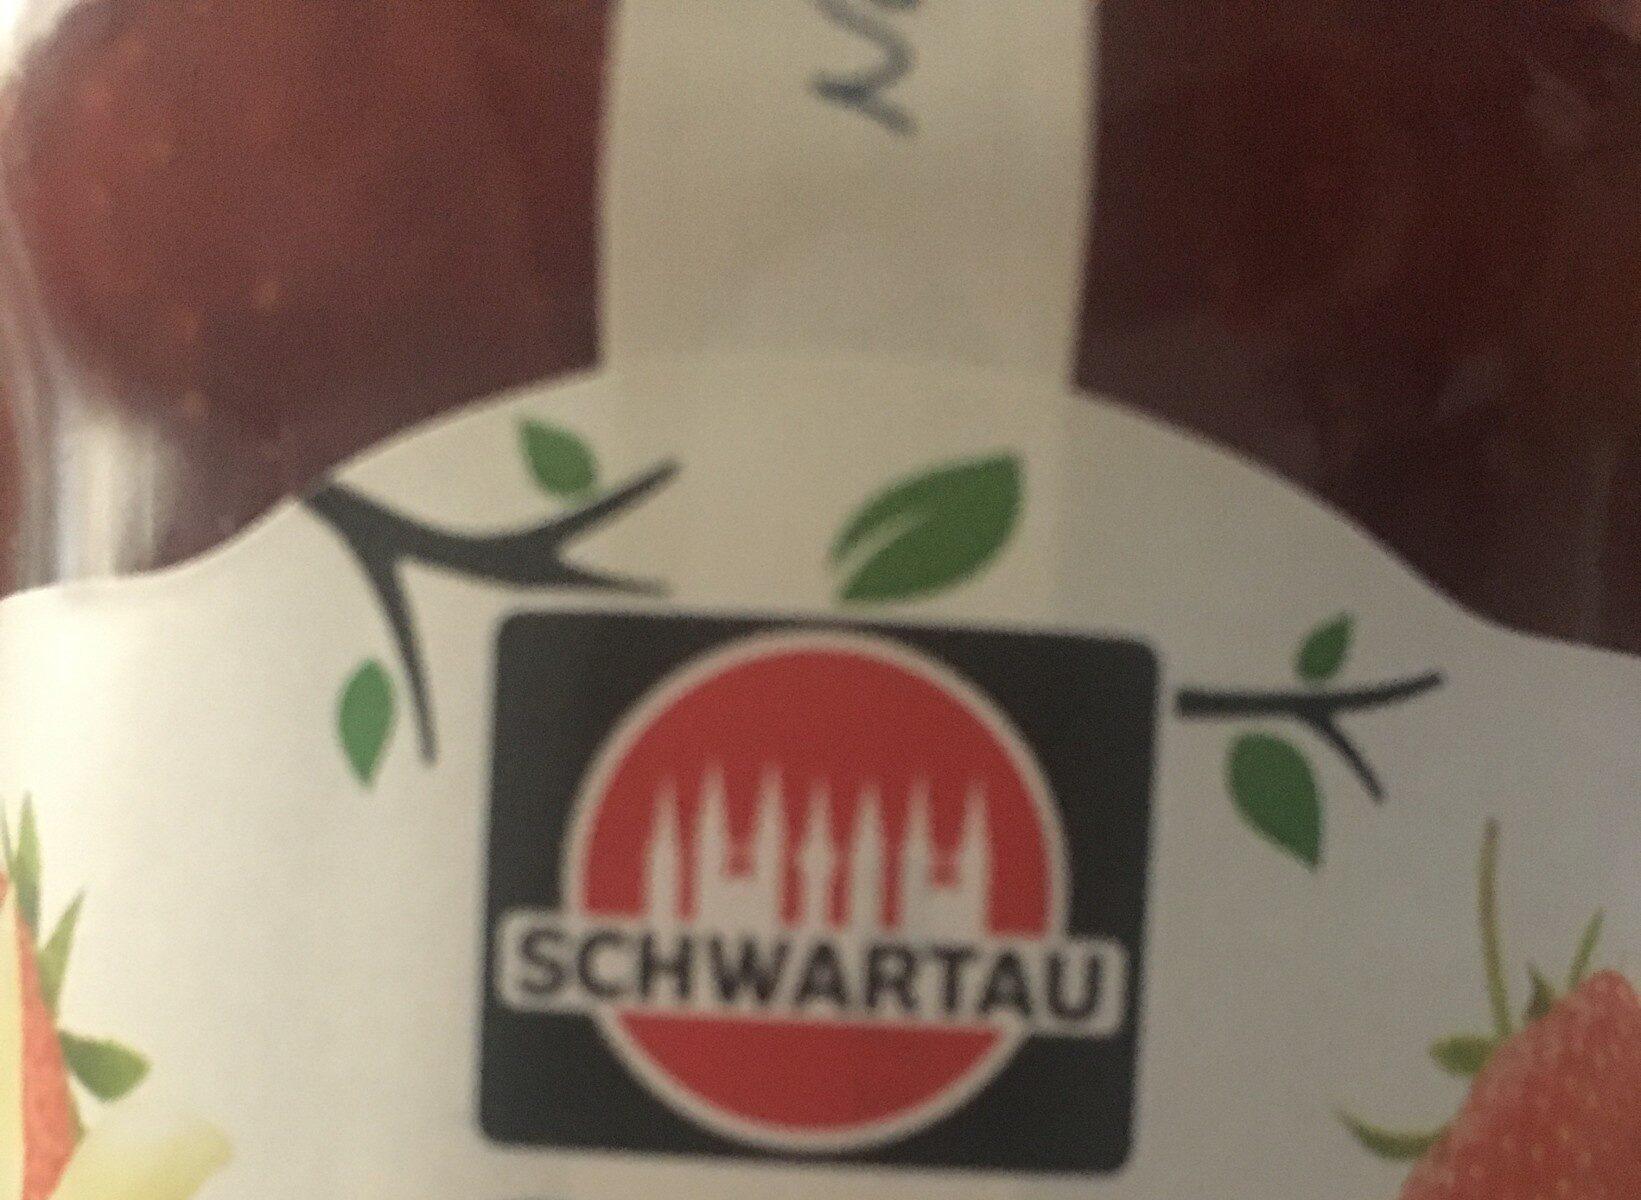 Extra Erdbeere-Bourbonvanille-Konfitüre - Product - de